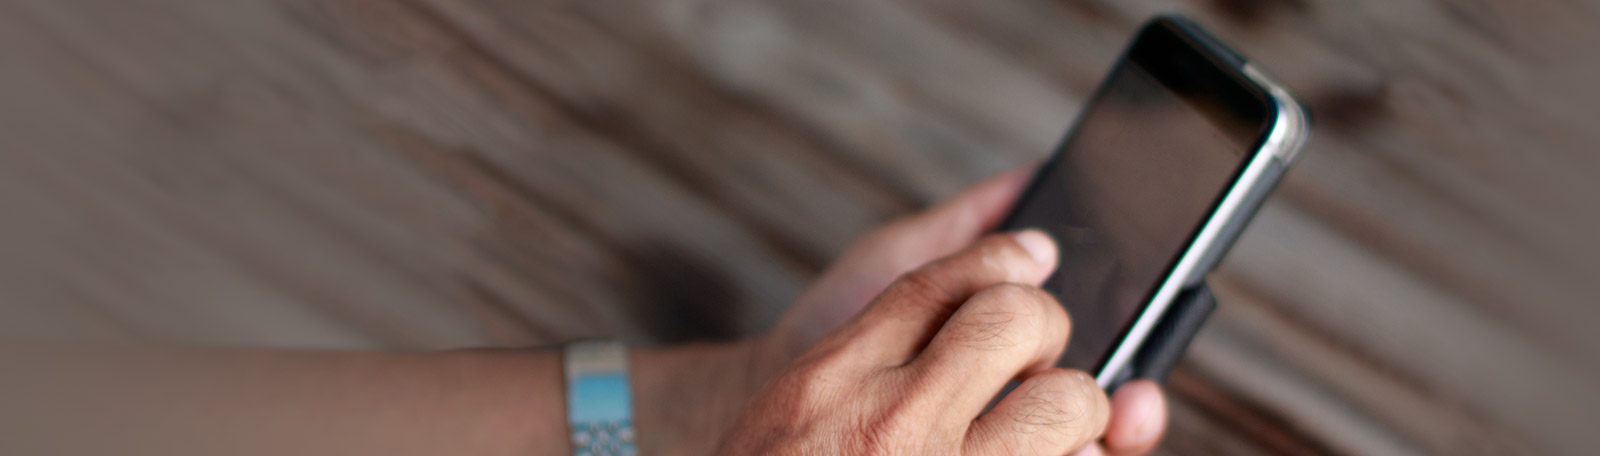 Kostenlose Online-Dating-Anwendung herunterladen